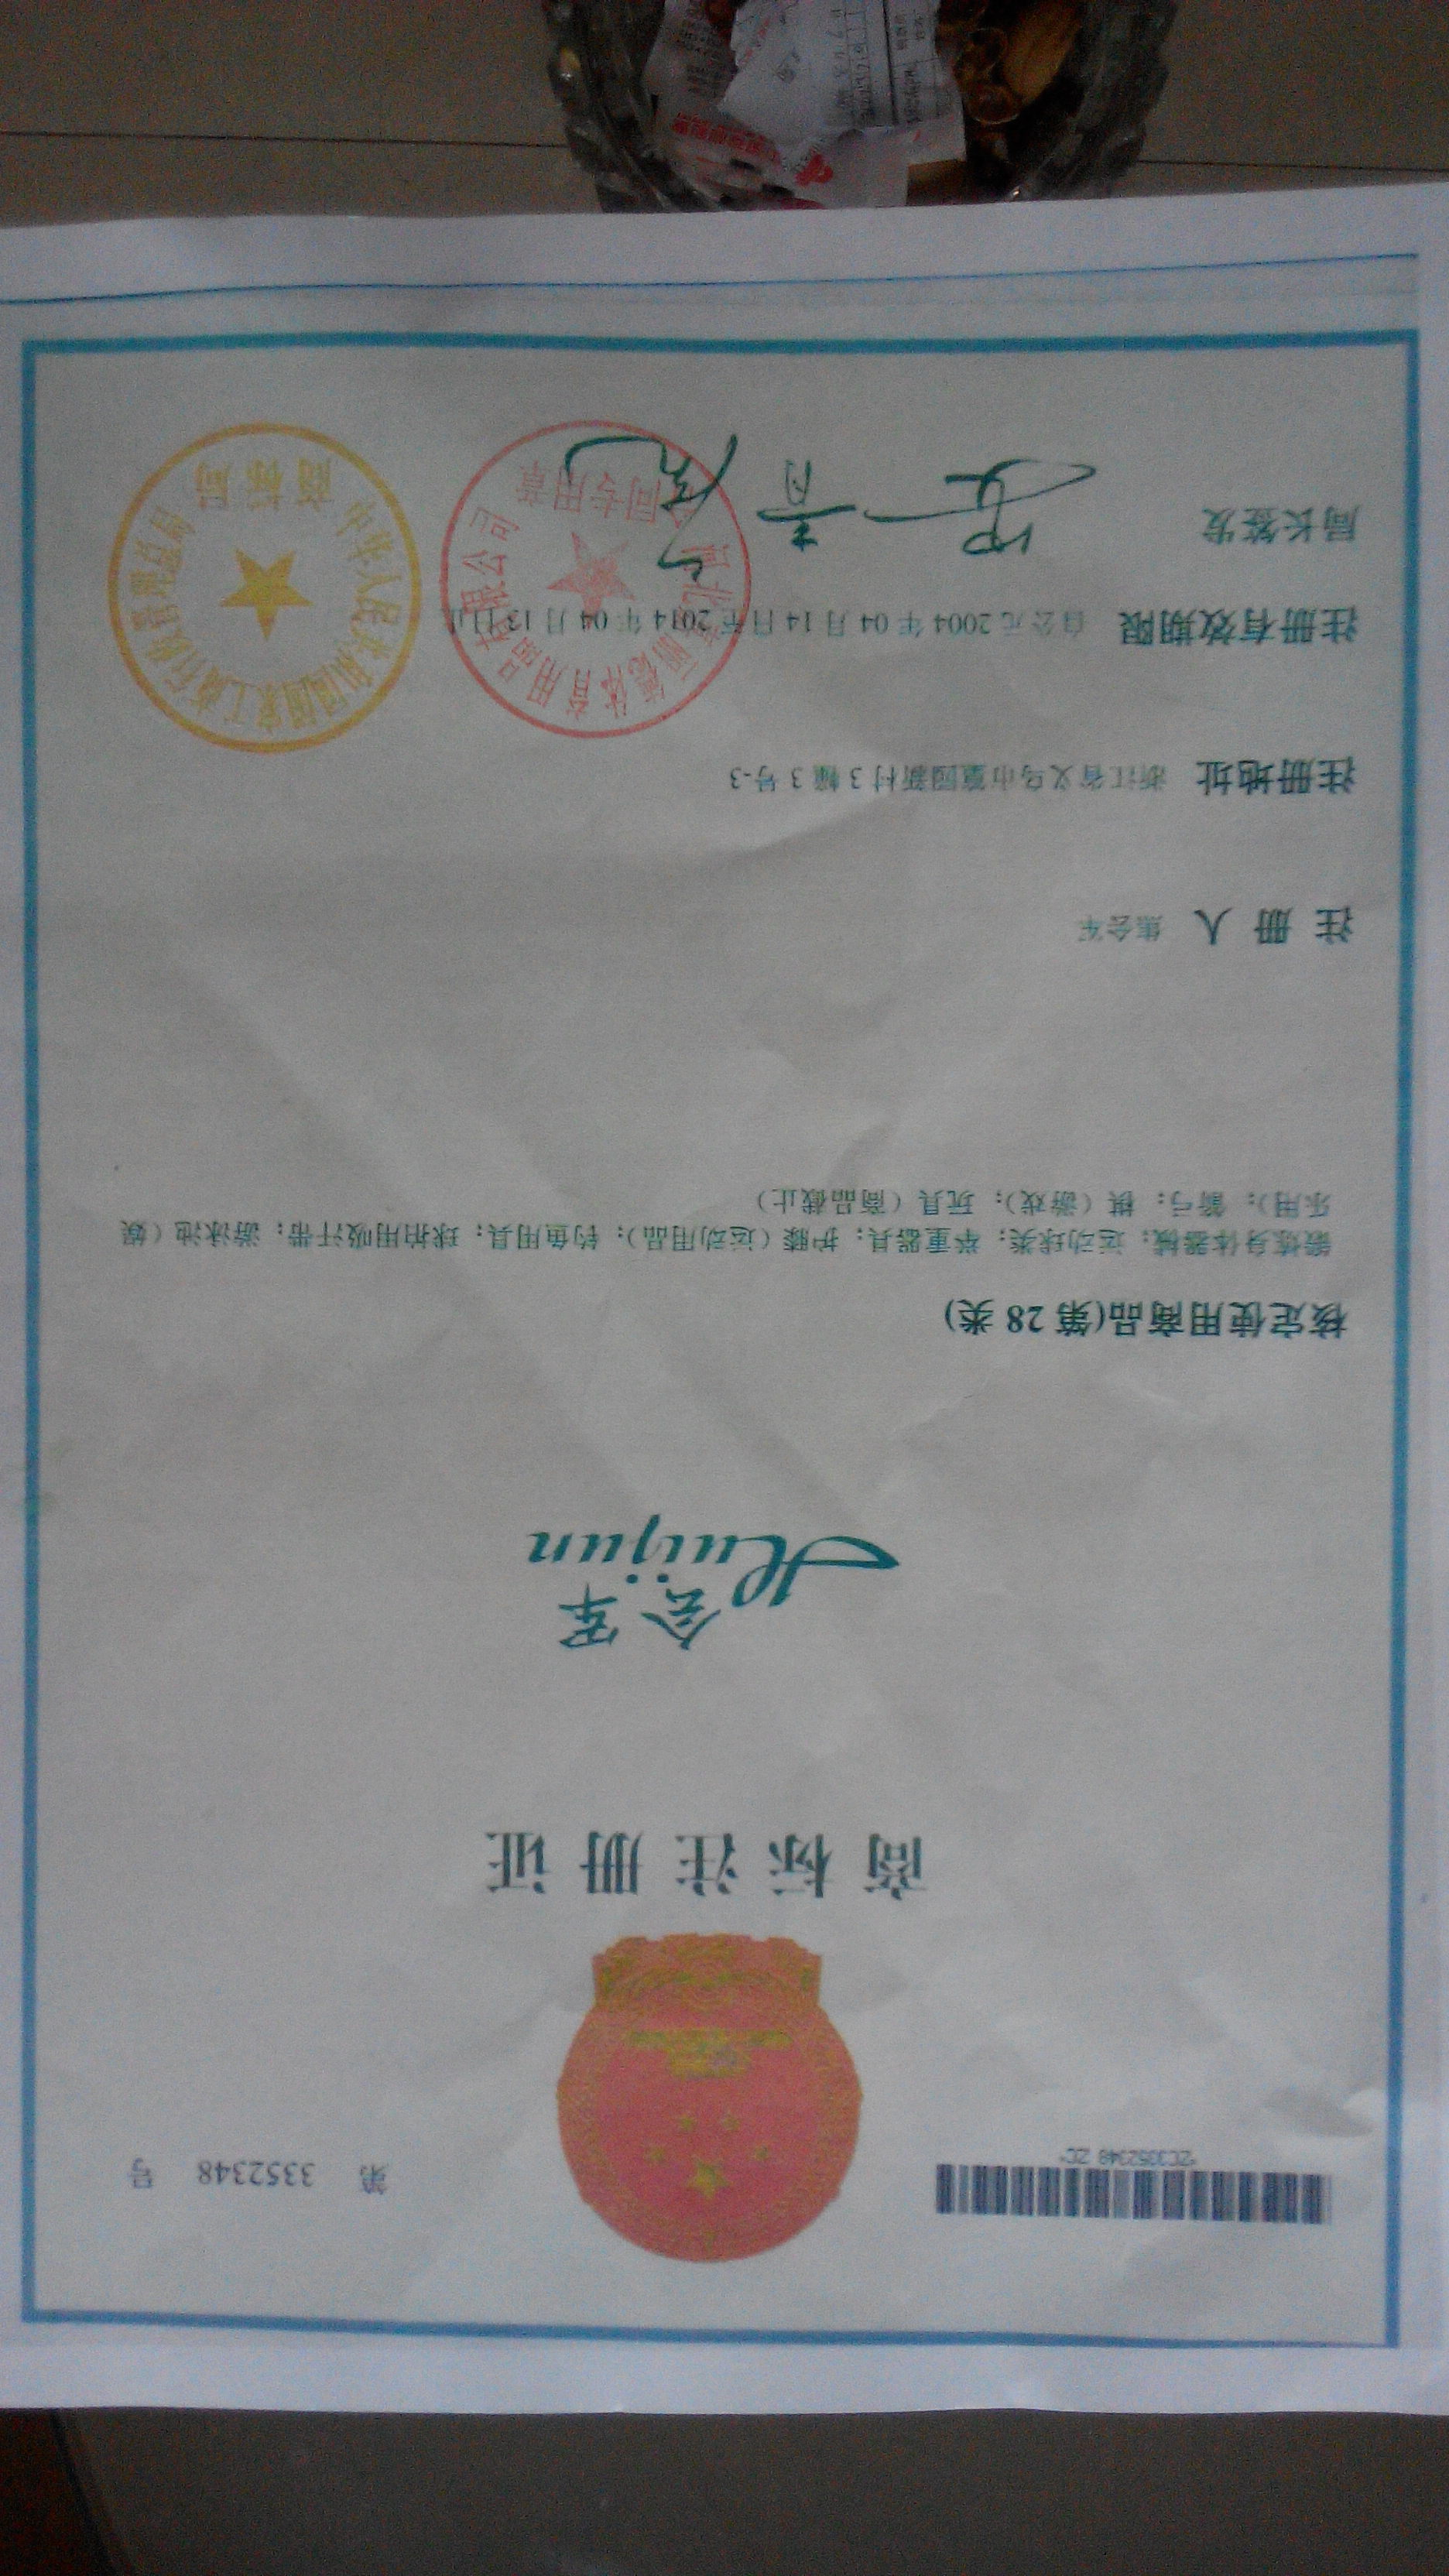 会军(Huijun)